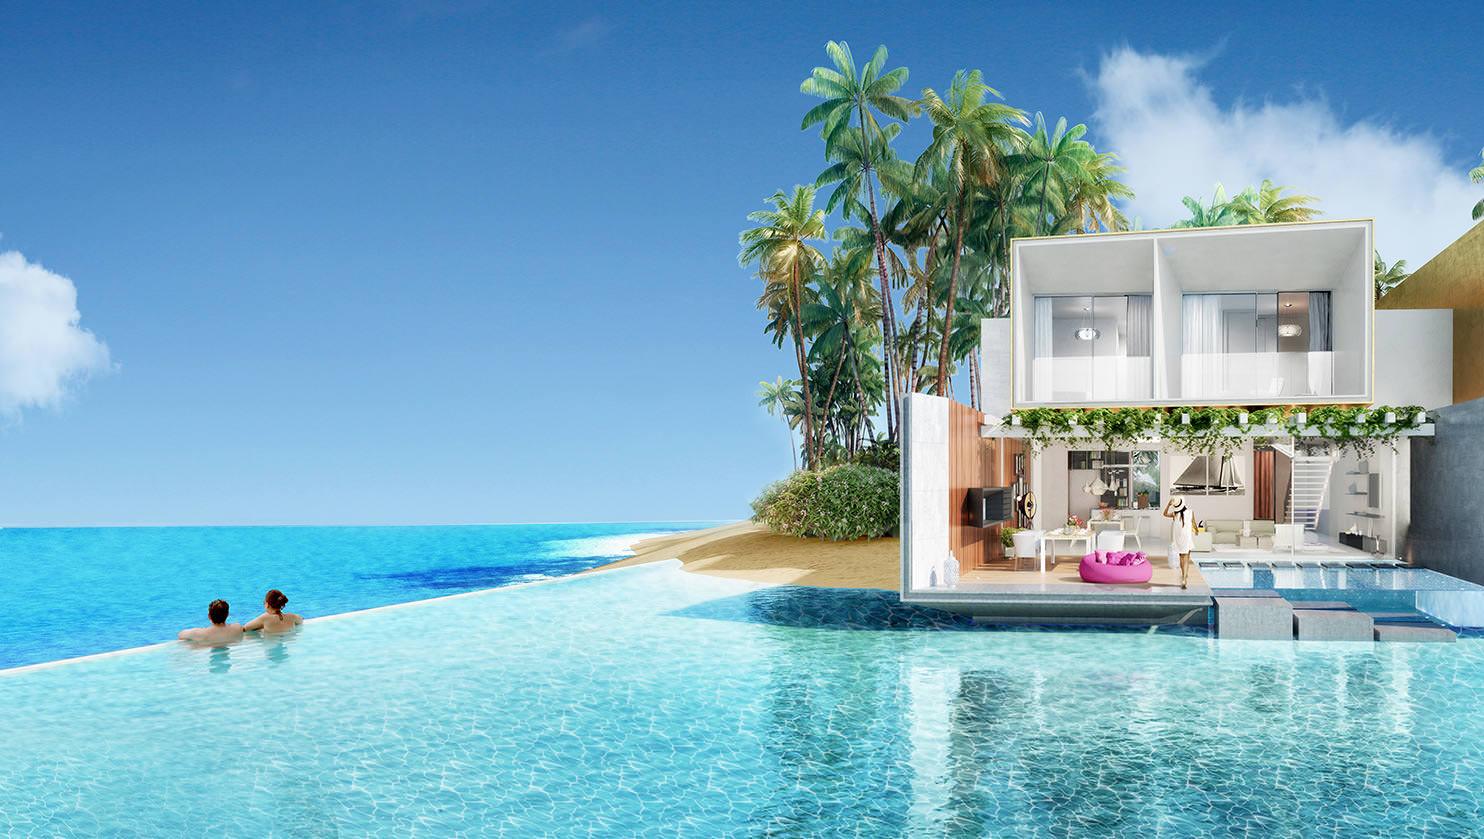 4 غرف نوم في فيلا بمساحة 417 م2، في جزيرة ألمانيا من ذا هارت اوف يوروب